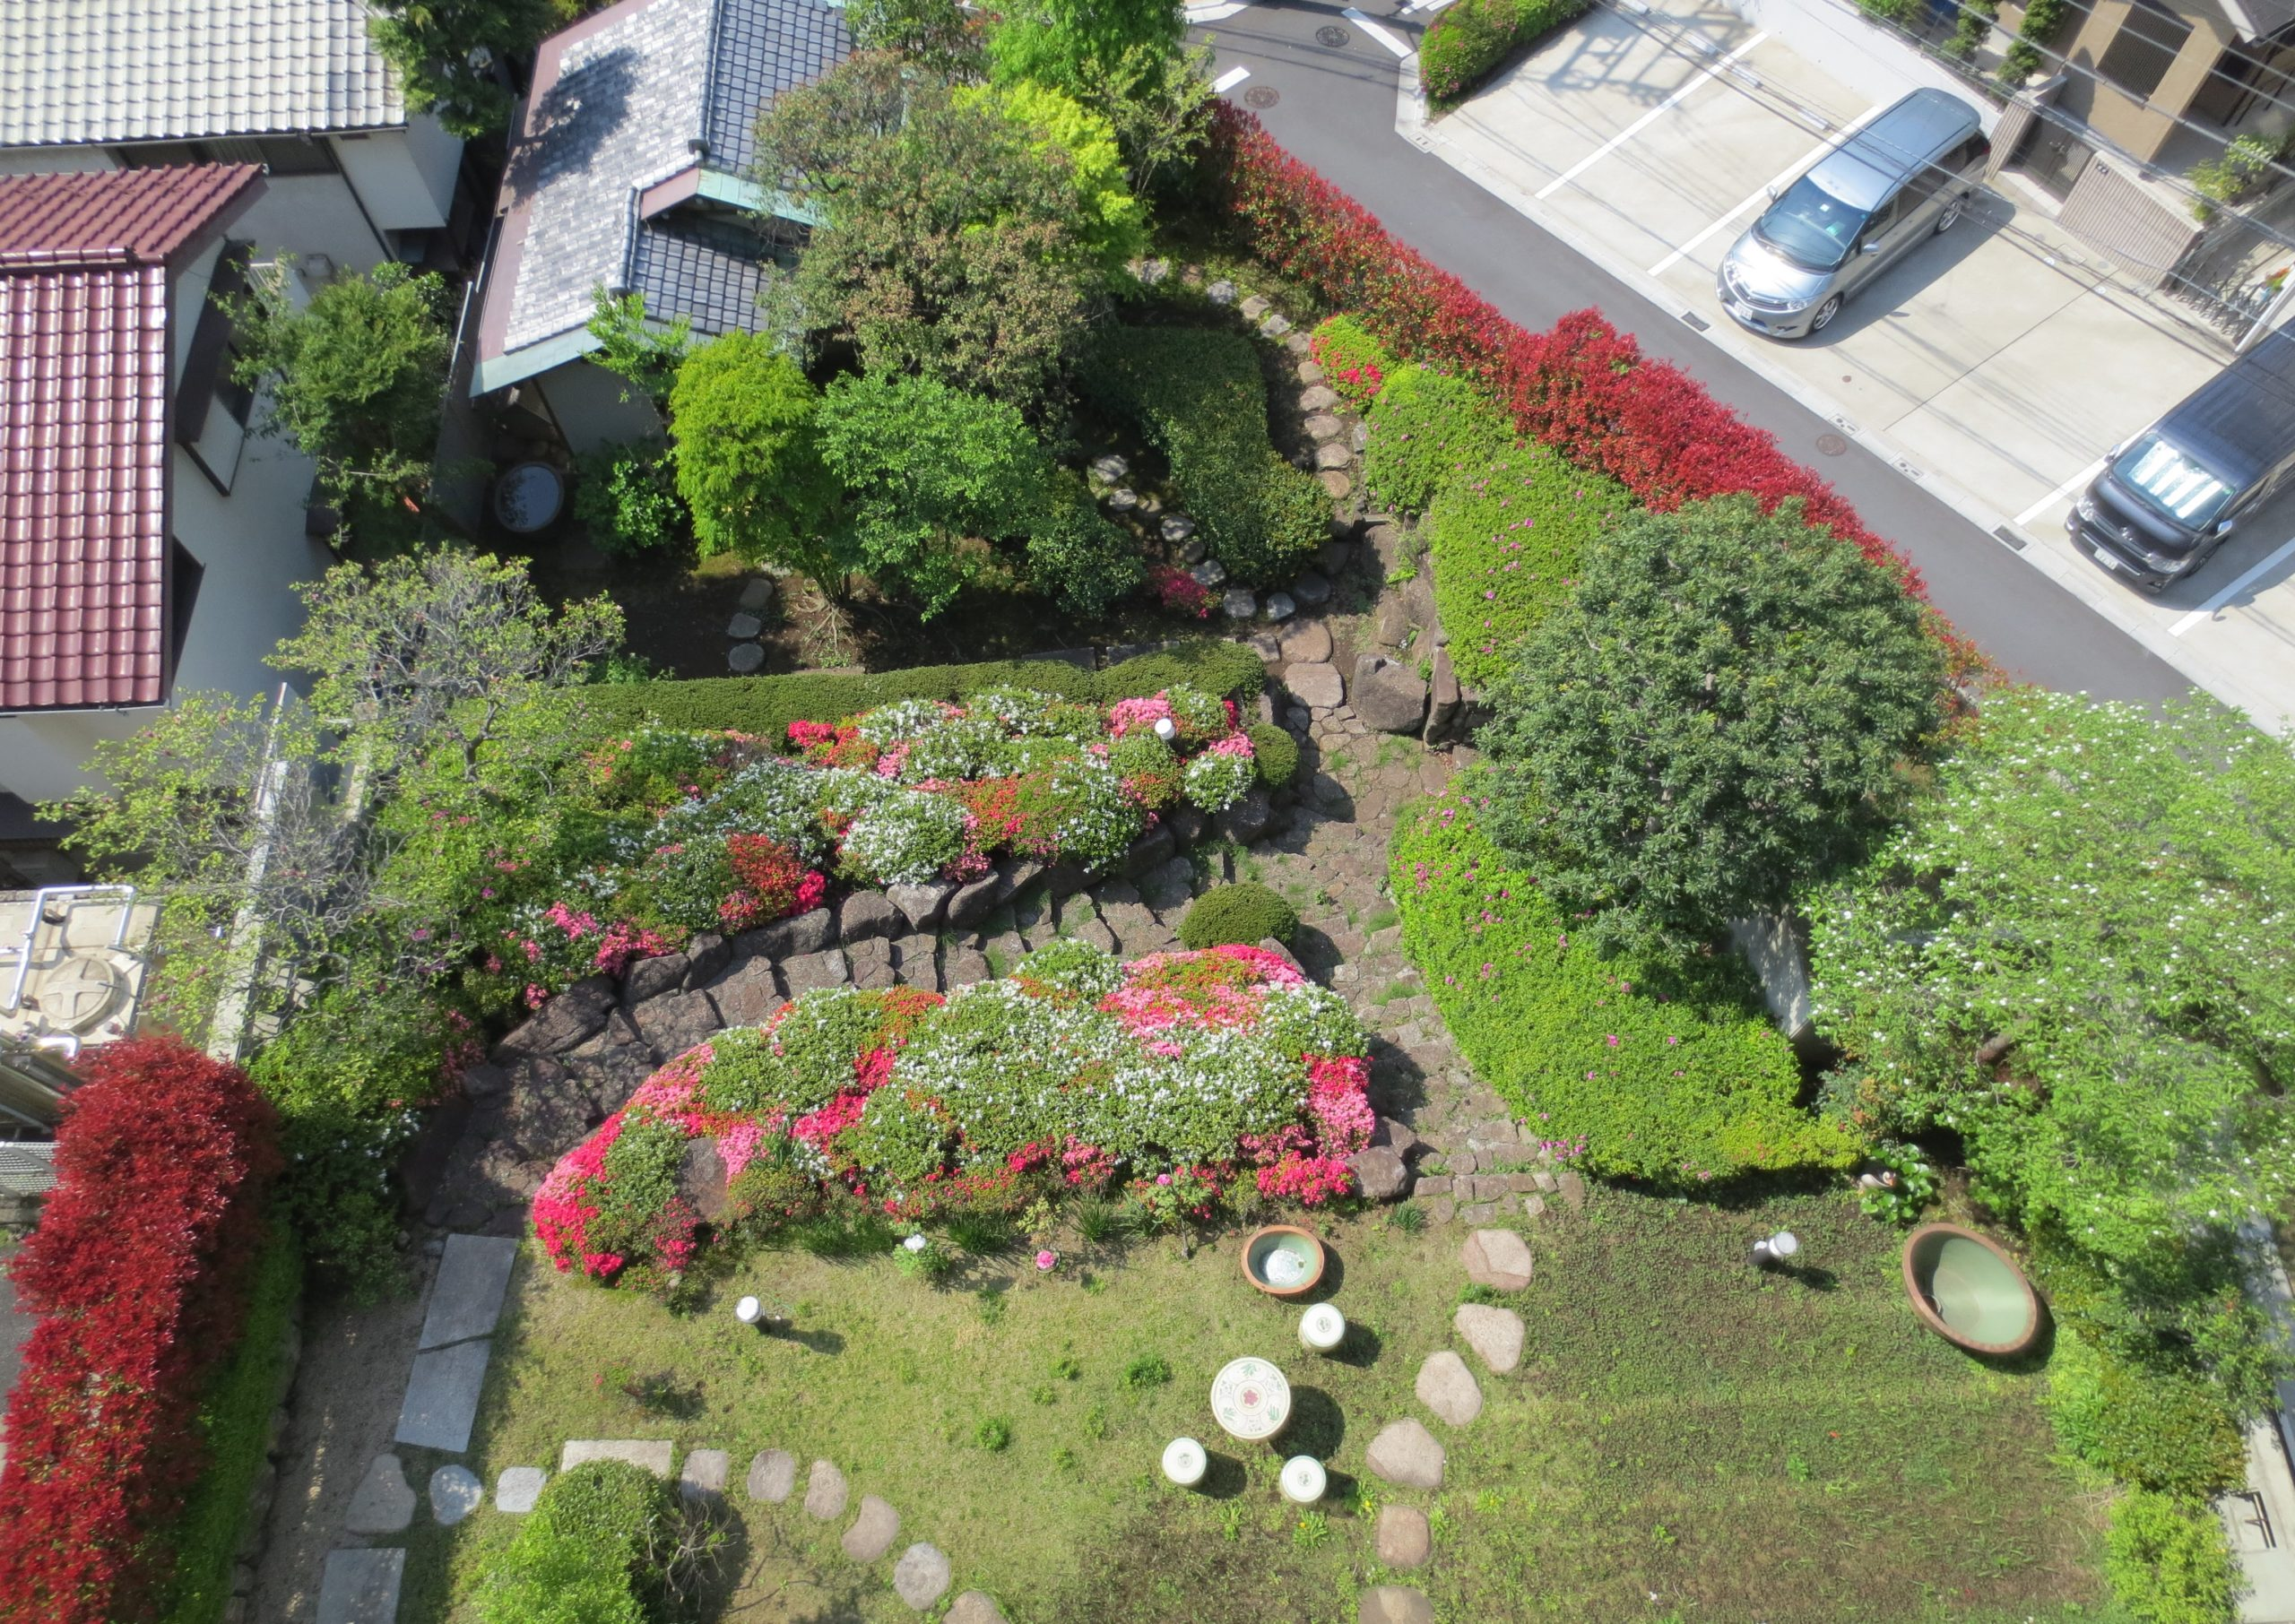 個人邸様庭園創作 | 株式会社西花園導入実績